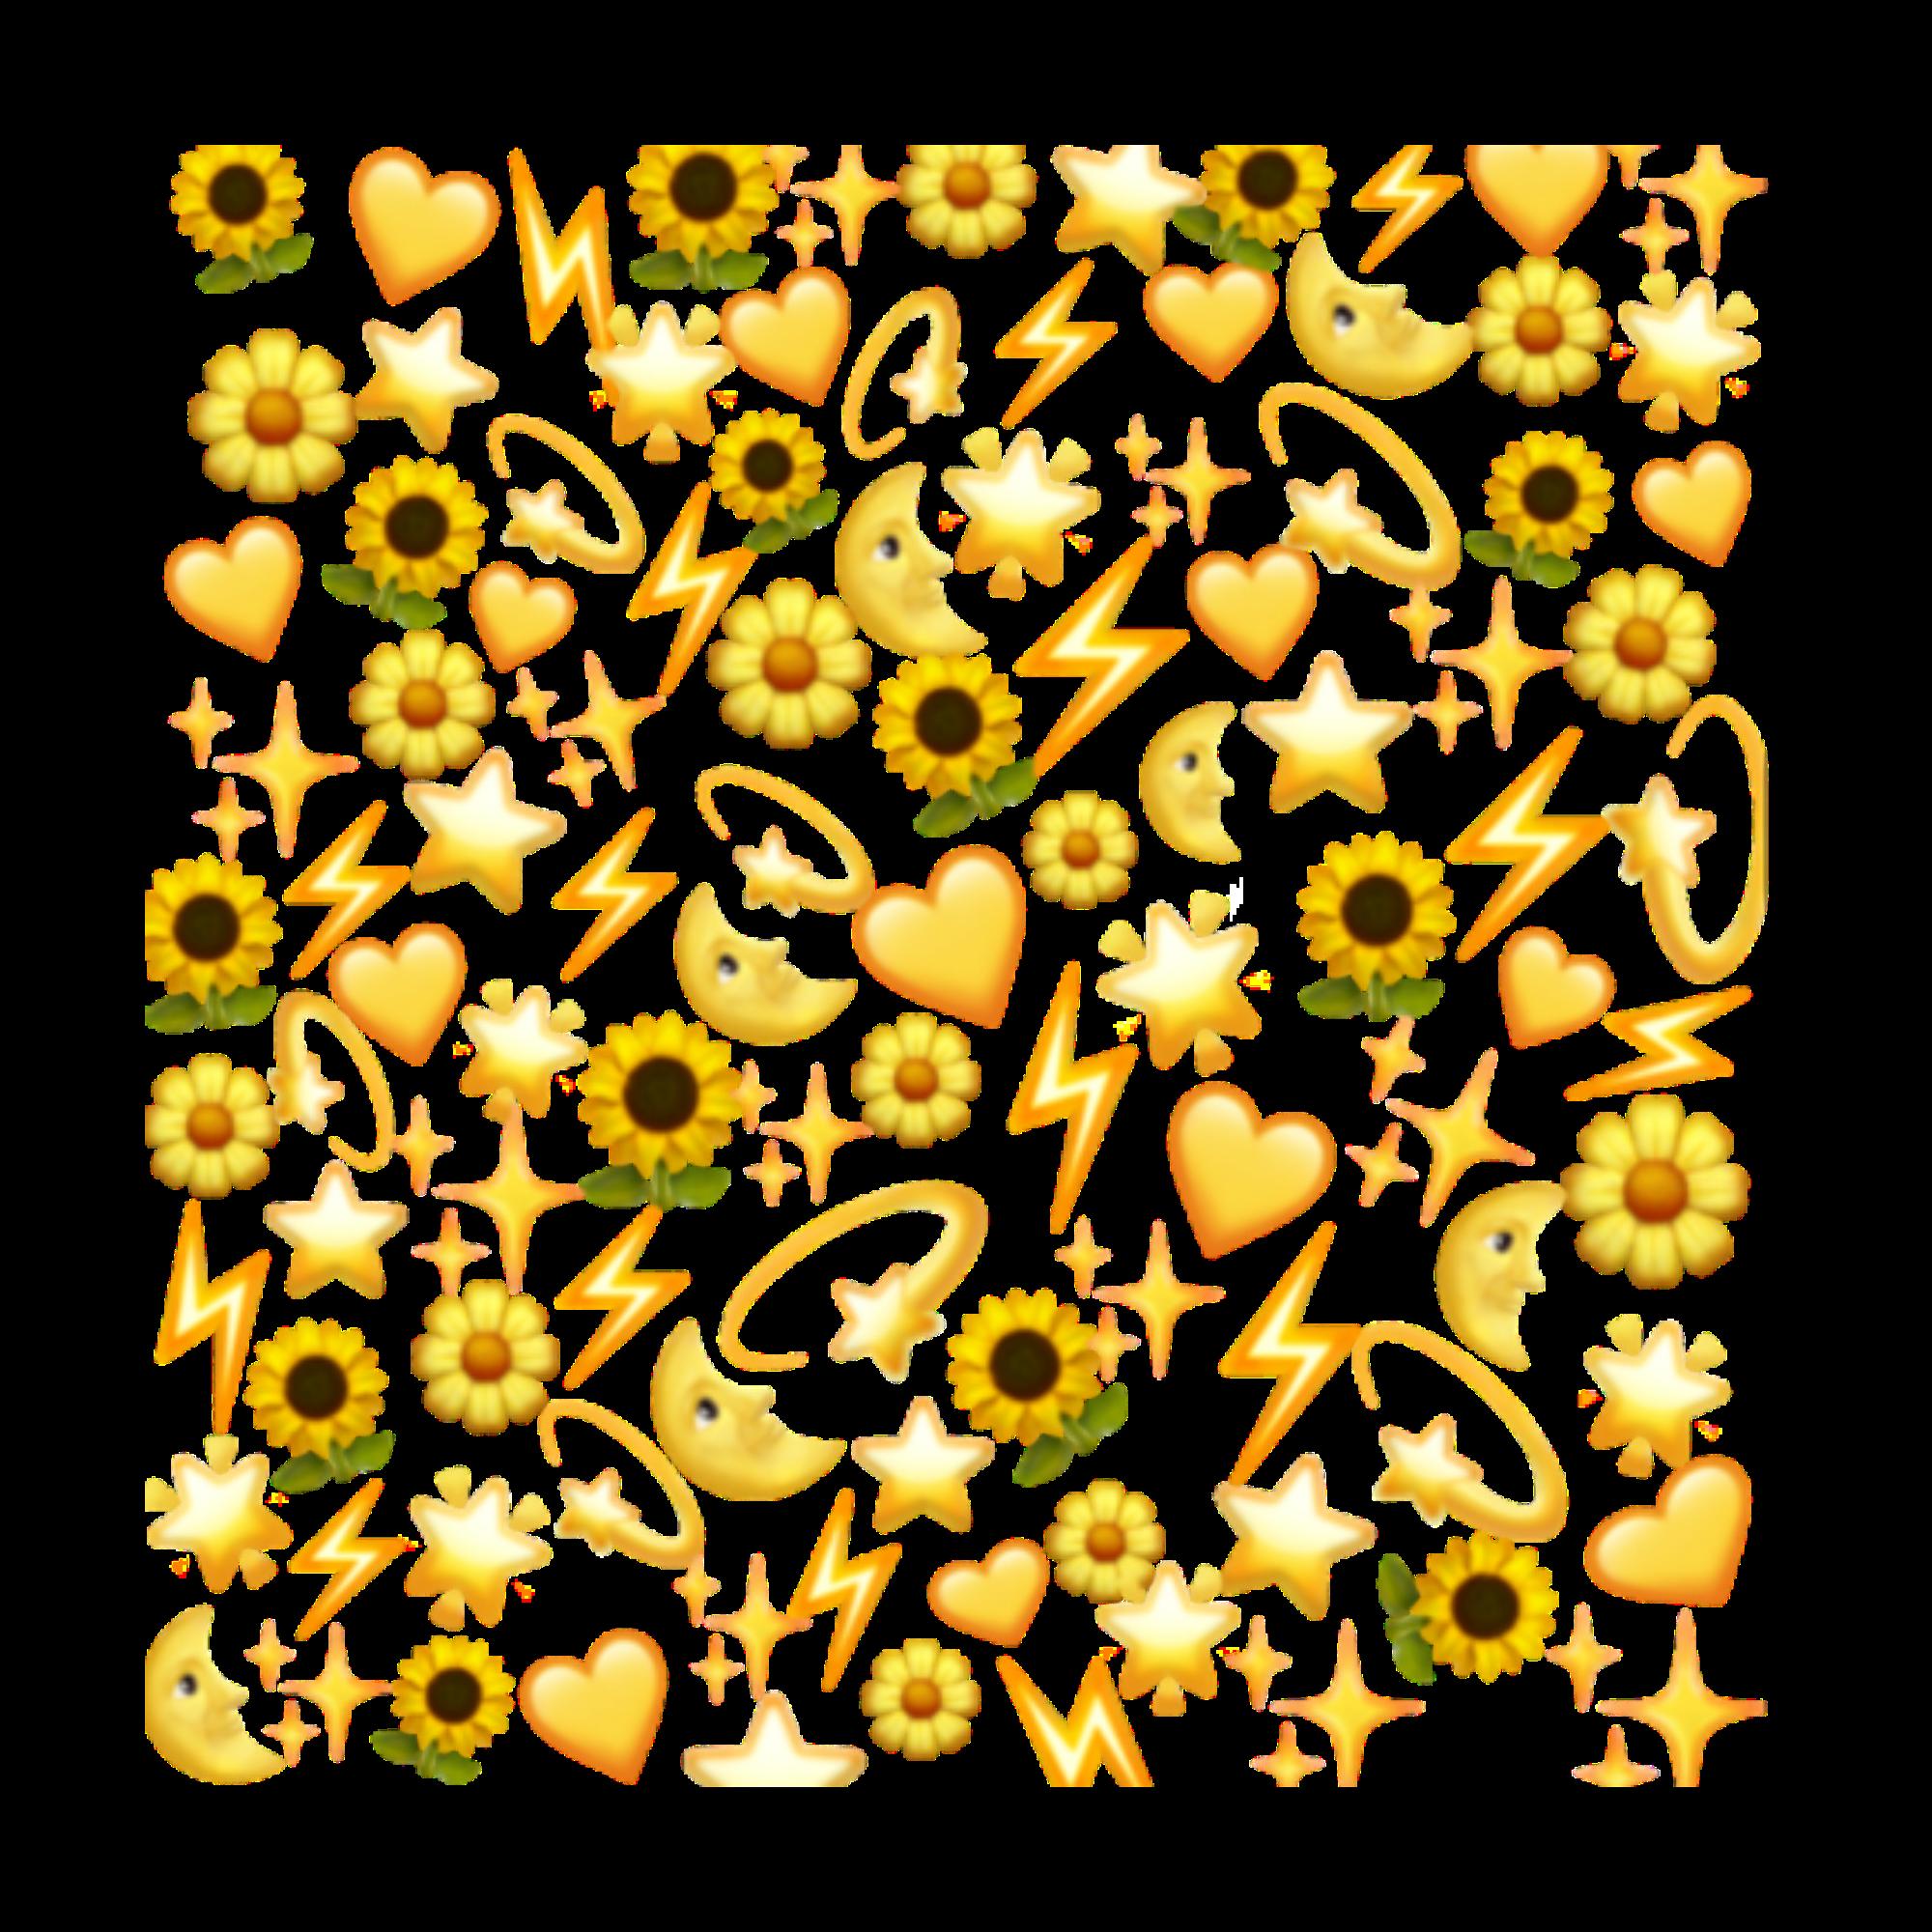 Flower Sunflowerbackground Emoji In 2020 Emoji Wallpaper Pretty Wallpapers Emoji Stickers